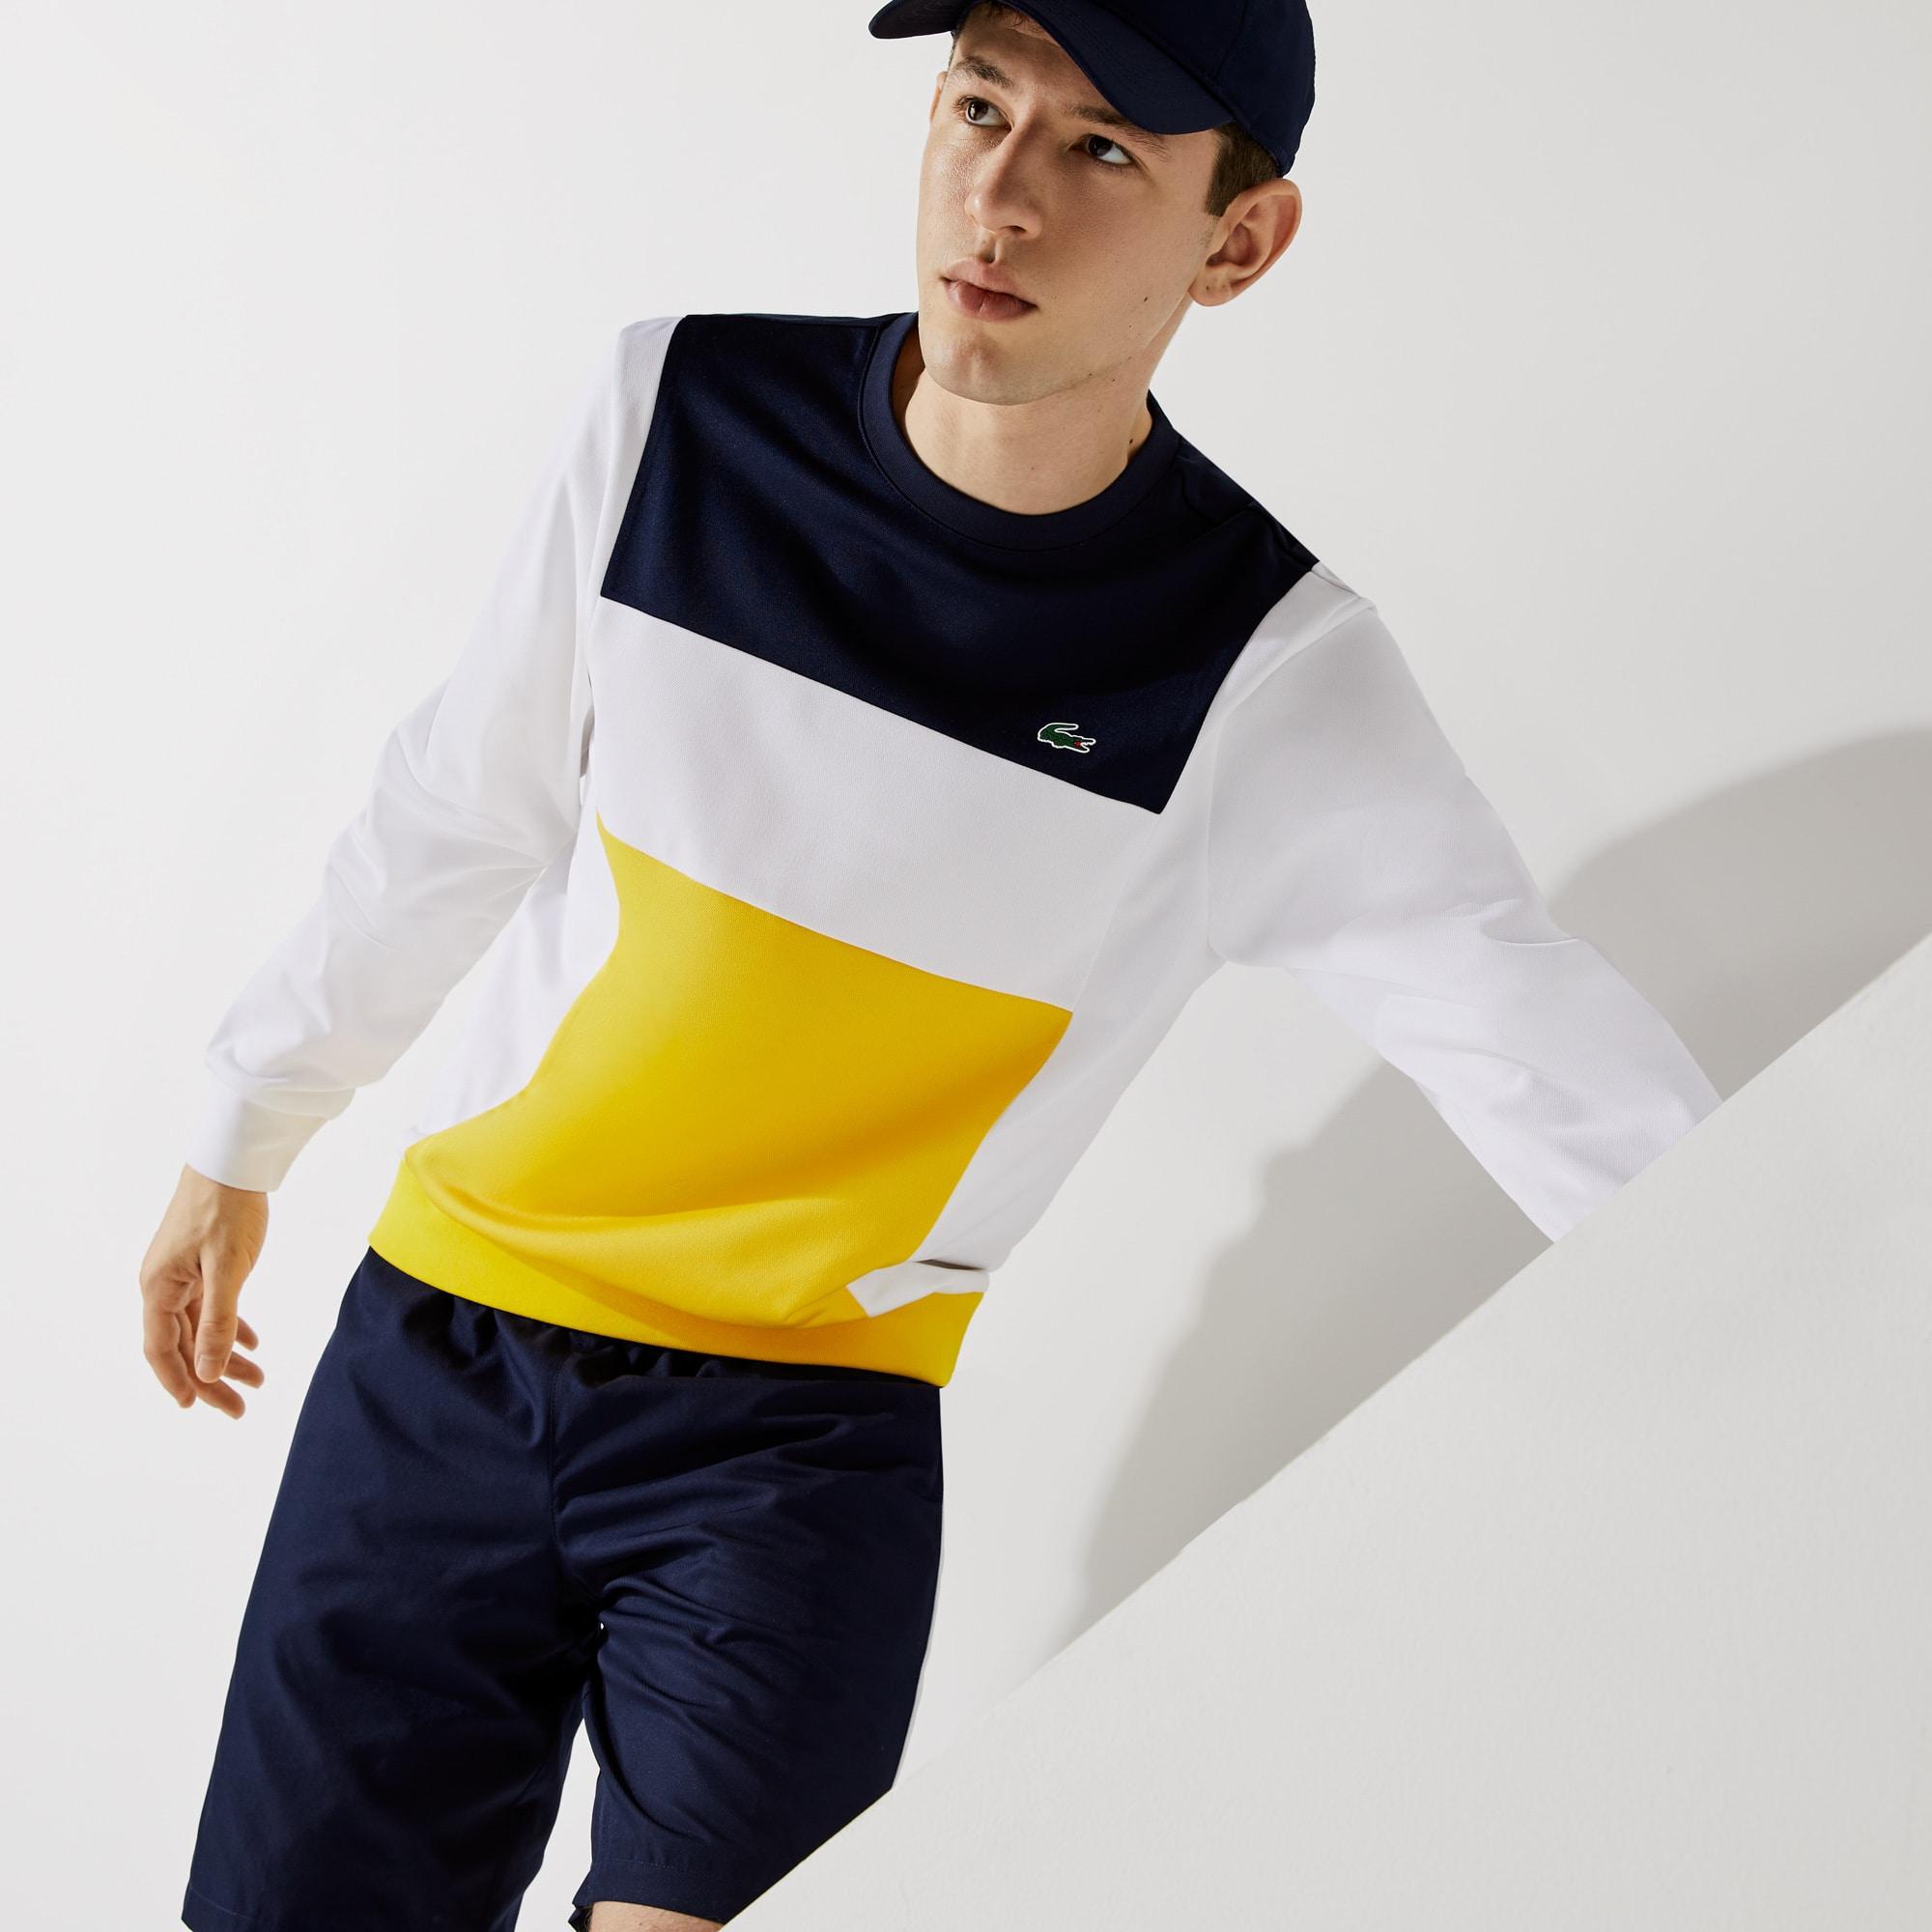 라코스테 맨 스포츠 맨투맨 Lacoste Men's SPORT Resistant Colorblock Pique Sweatshirt